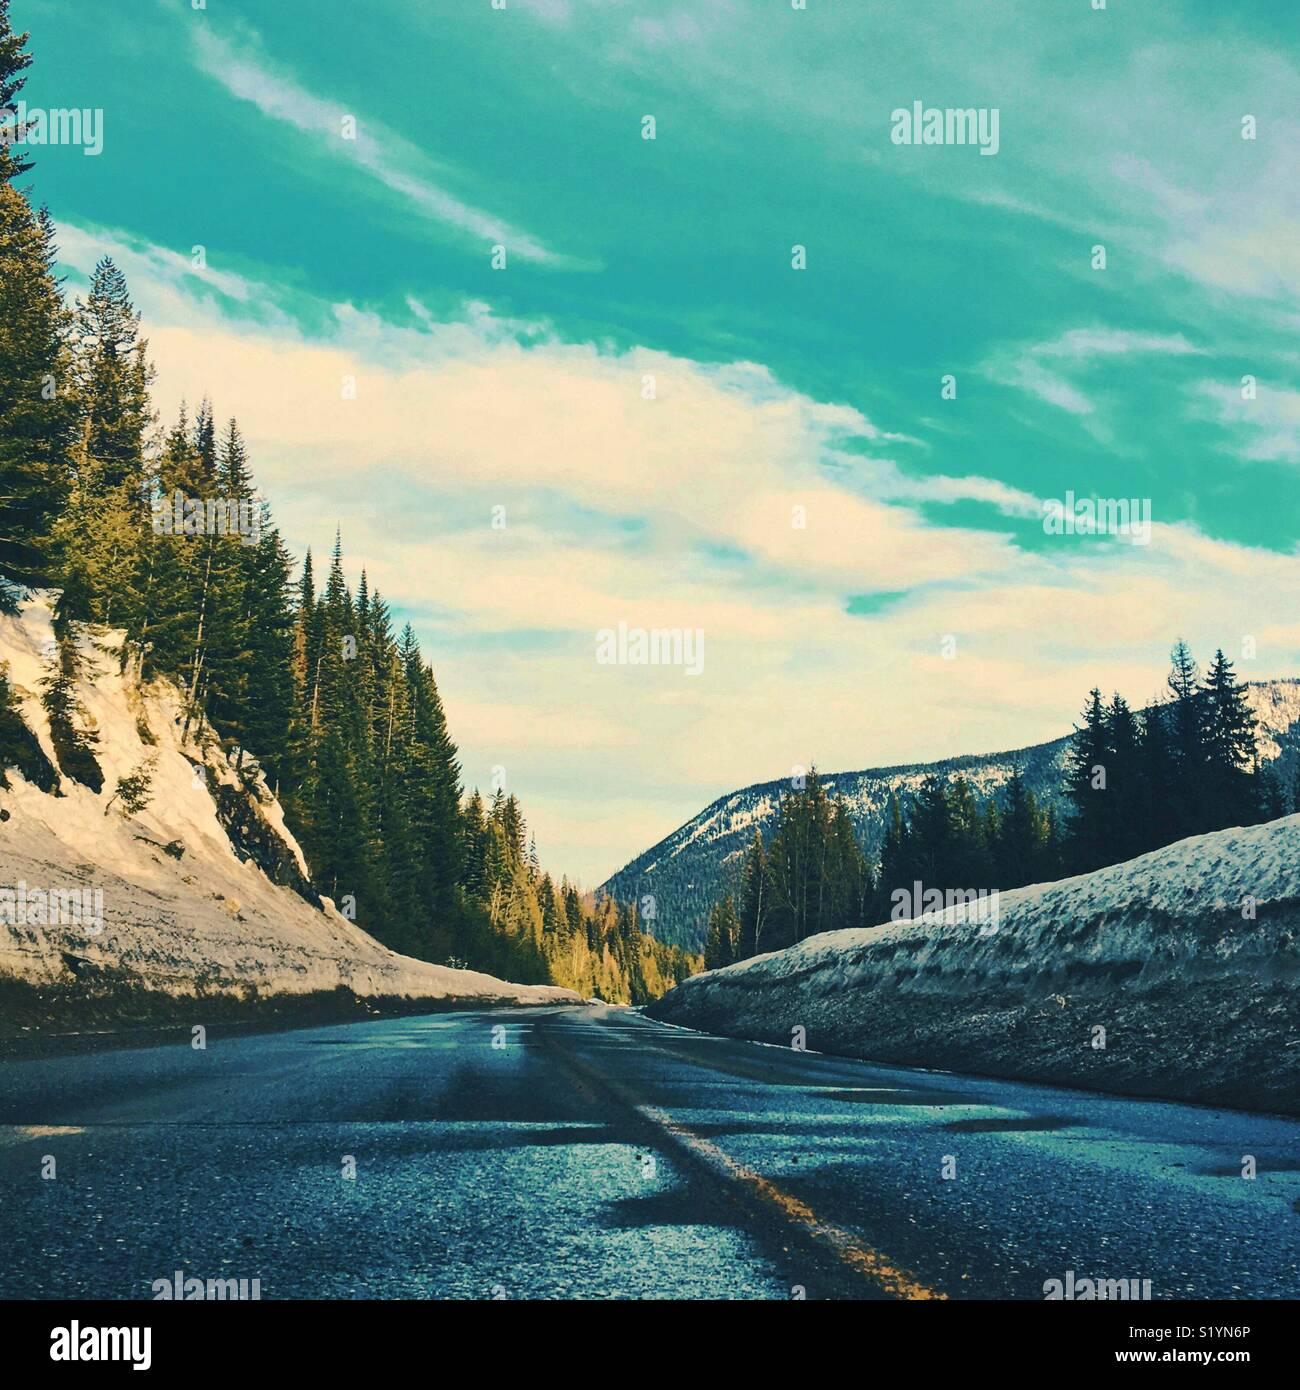 L'autoroute vide sur une journée d'hiver ensoleillée. Les carrés. L'espace pour copier. Photo Stock